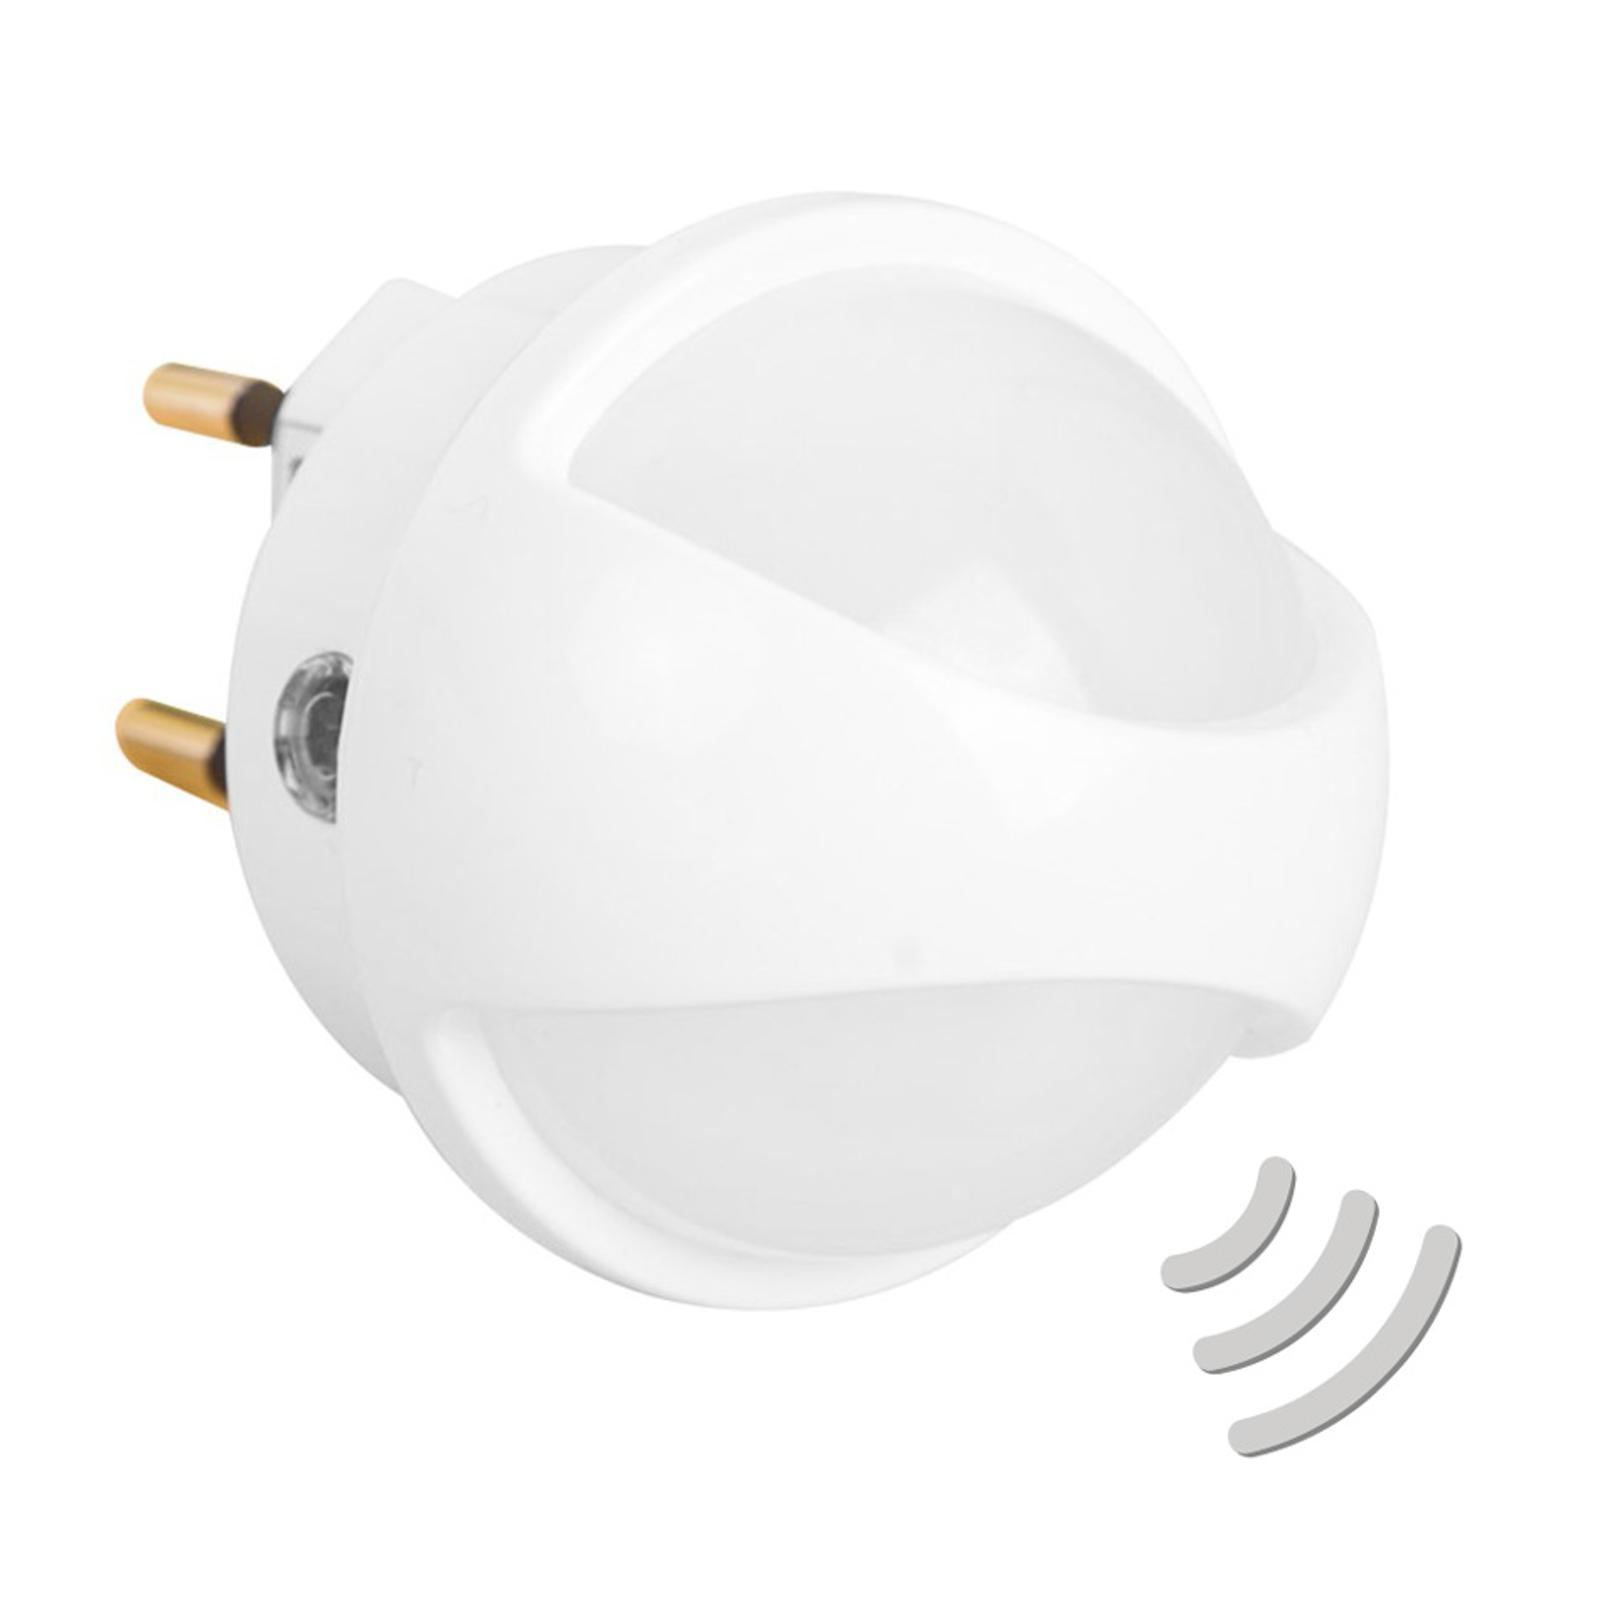 LED-Nachtlicht Cursa Sensor für die Steckdose